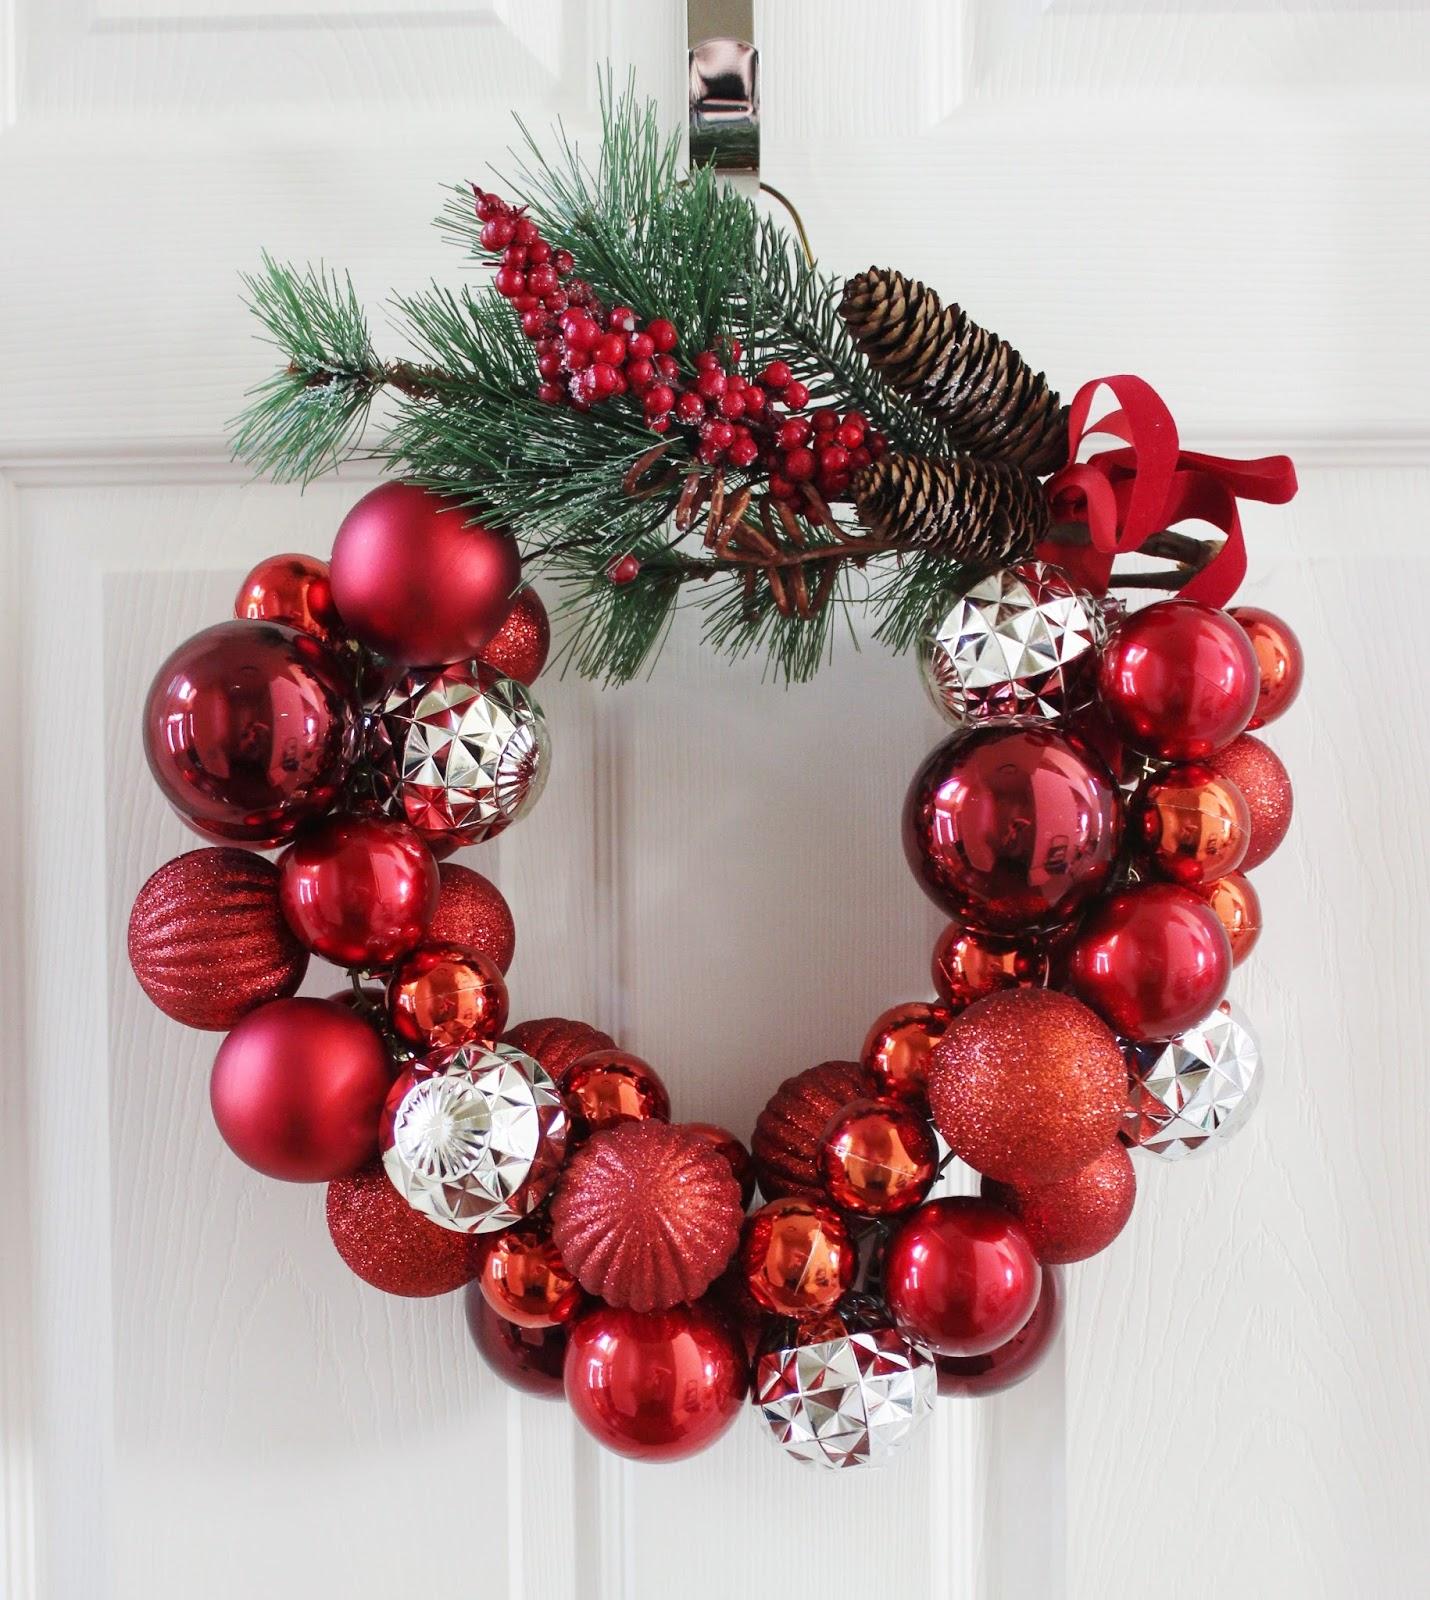 Как сделать новогодний венок из елочных шариков?